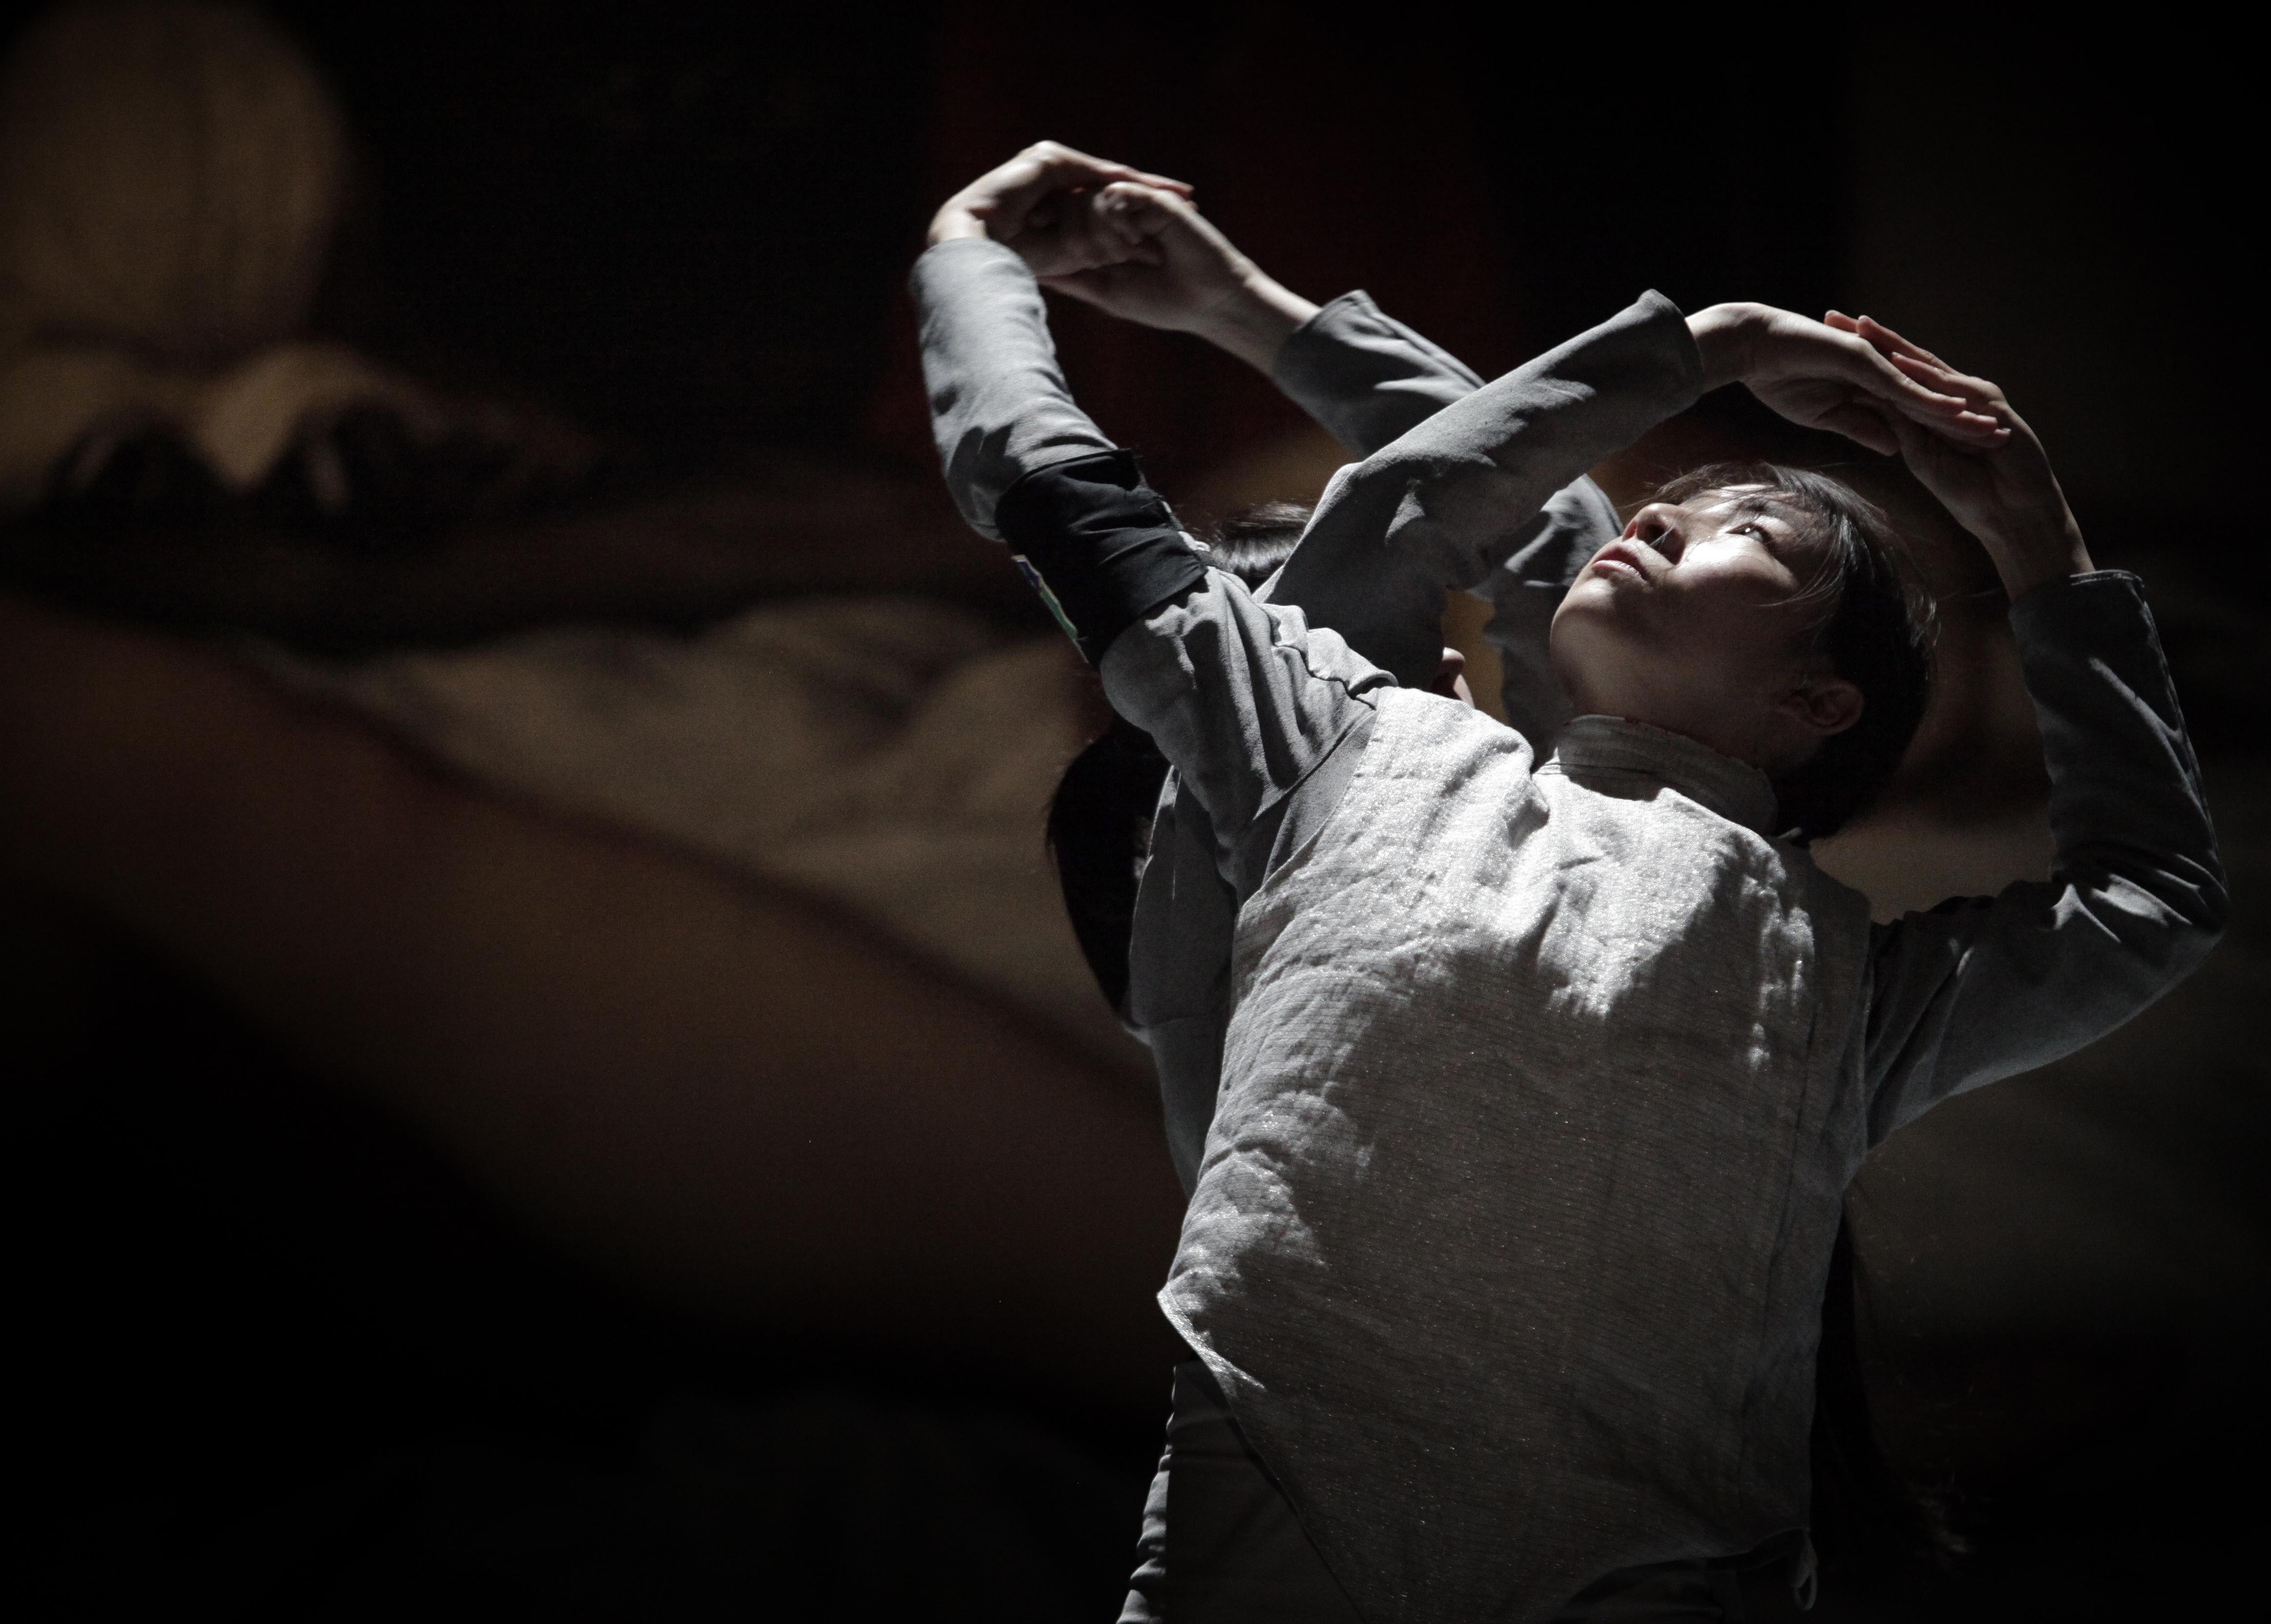 Il collettivo La Veronal nello spettacolo Siena di Marcos Morau per Palcoscenico Danza a Torino - Danza Effebi